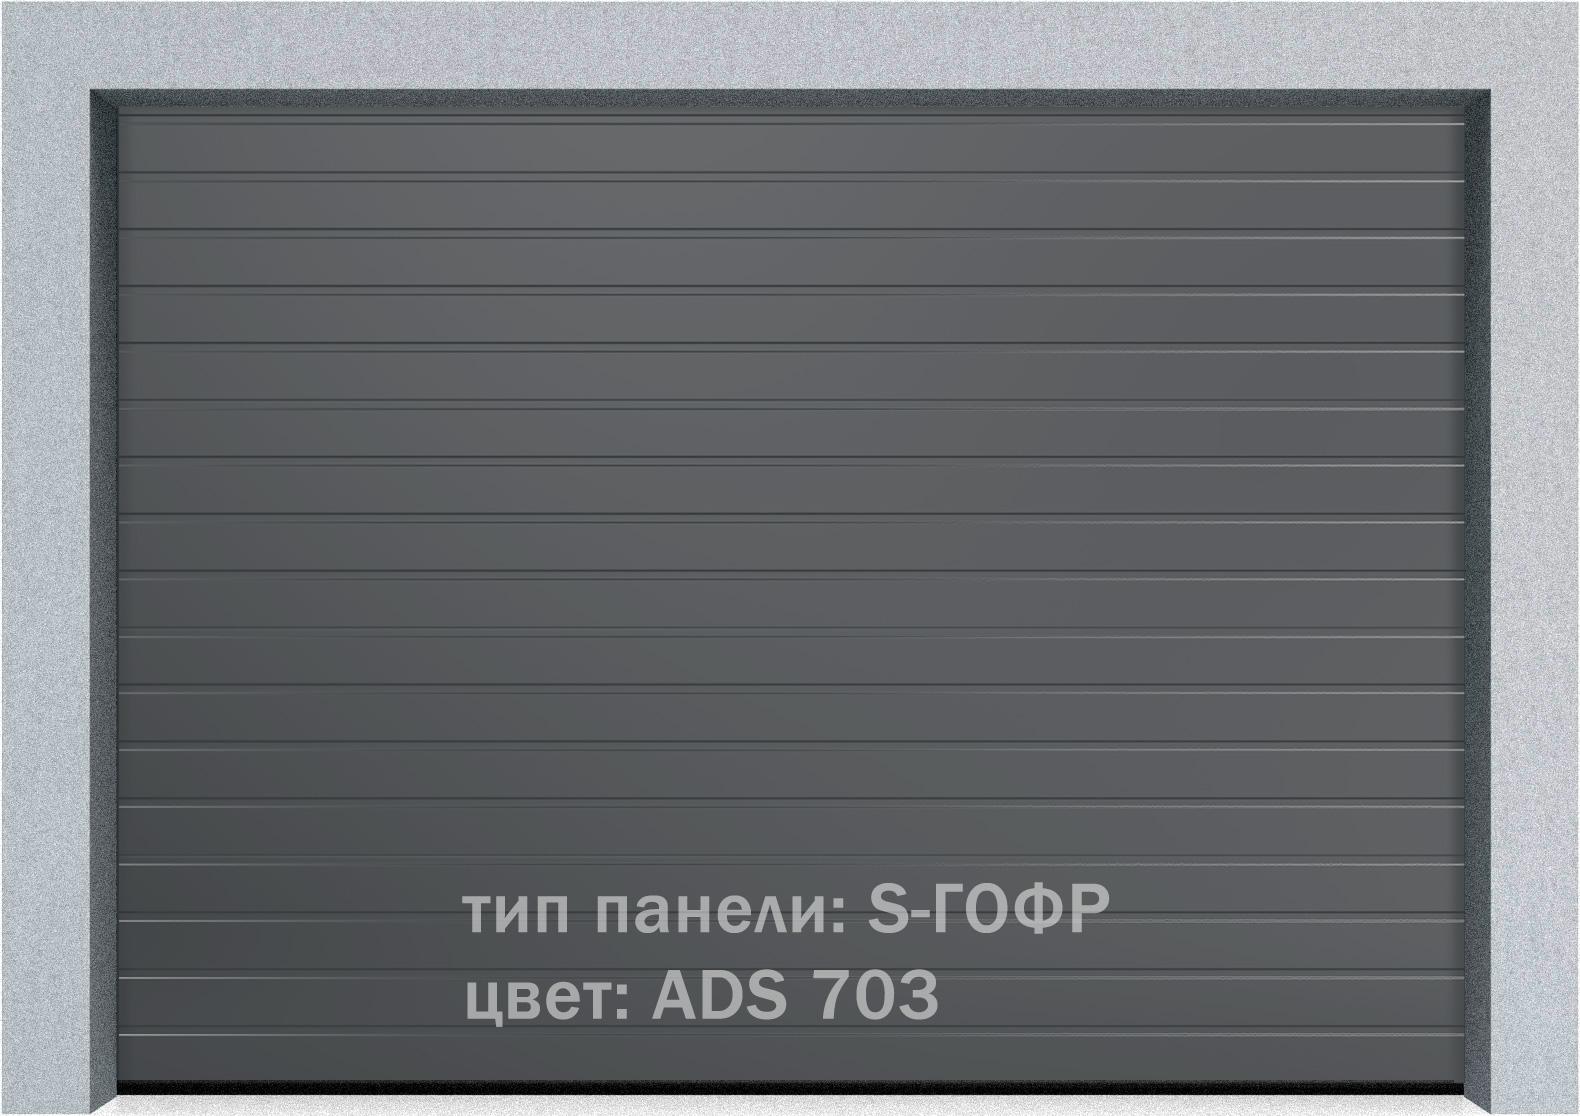 Секционные промышленные ворота Alutech ProTrend 2750х2250 S-гофр, Микроволна стандартные цвета, фото 10